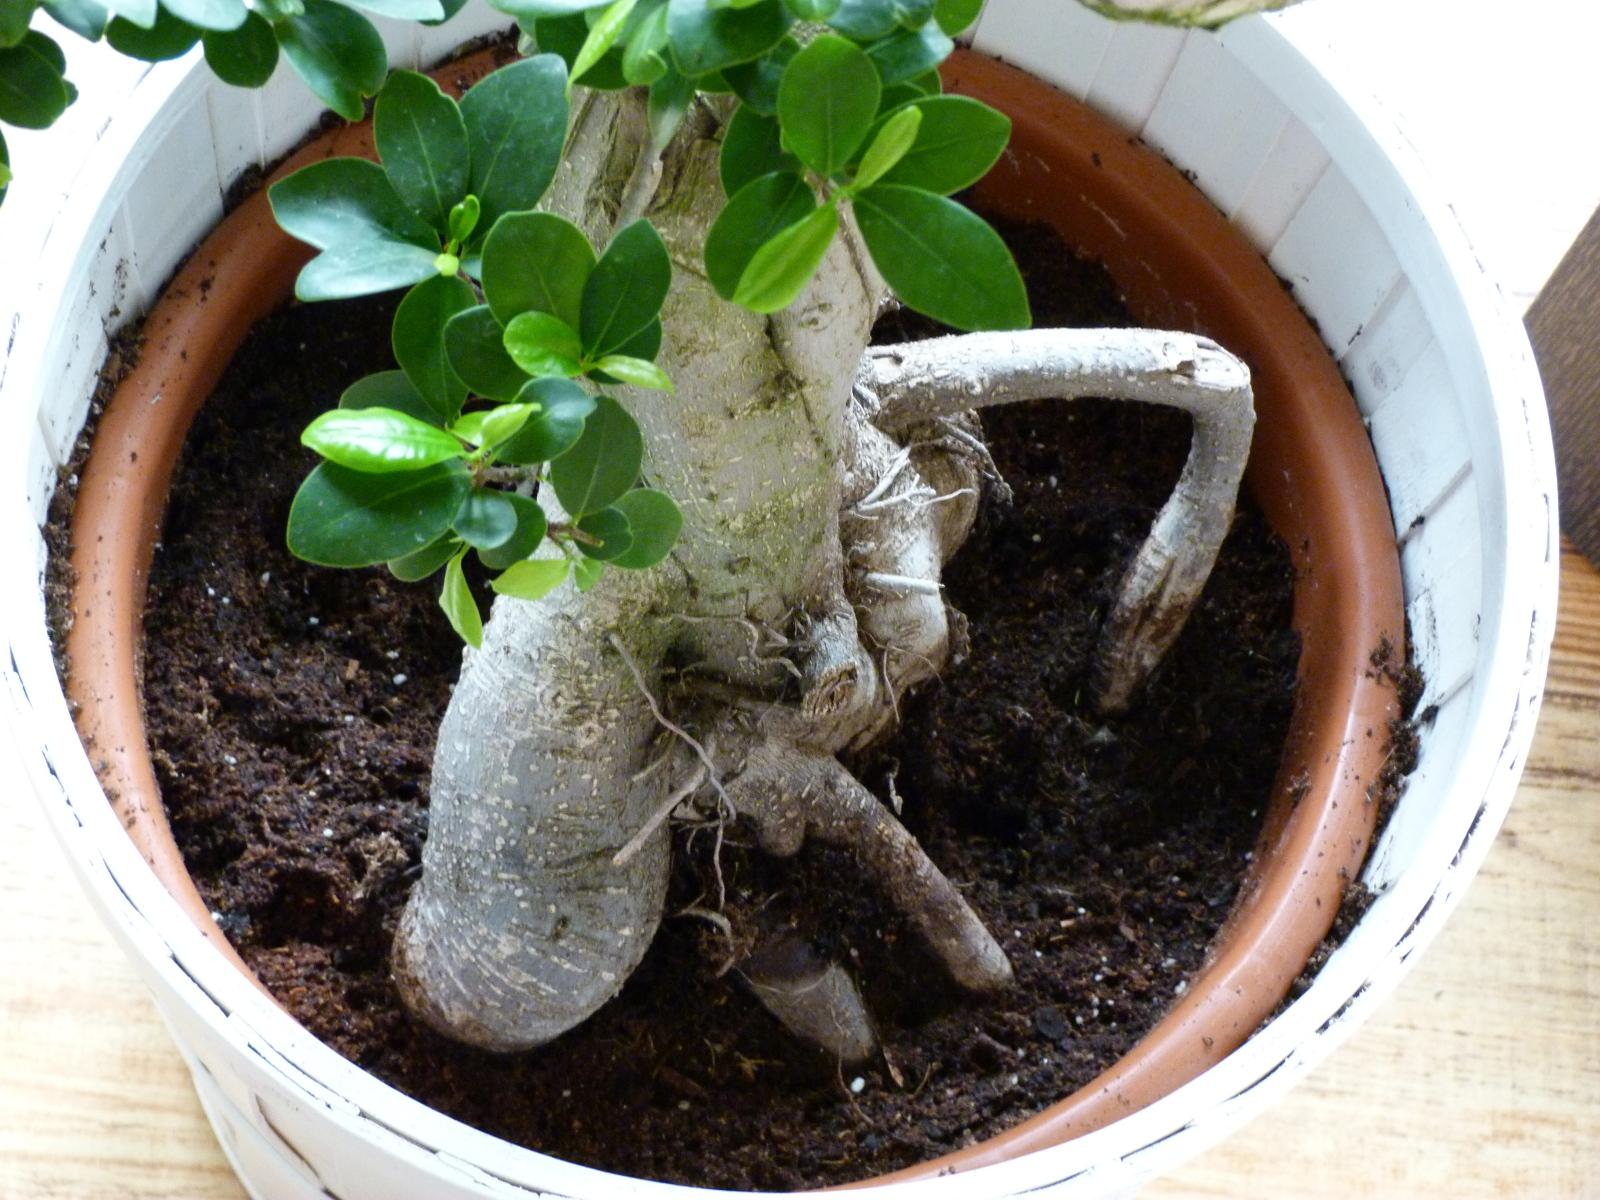 Caida descontrolada de hojas 25wgm